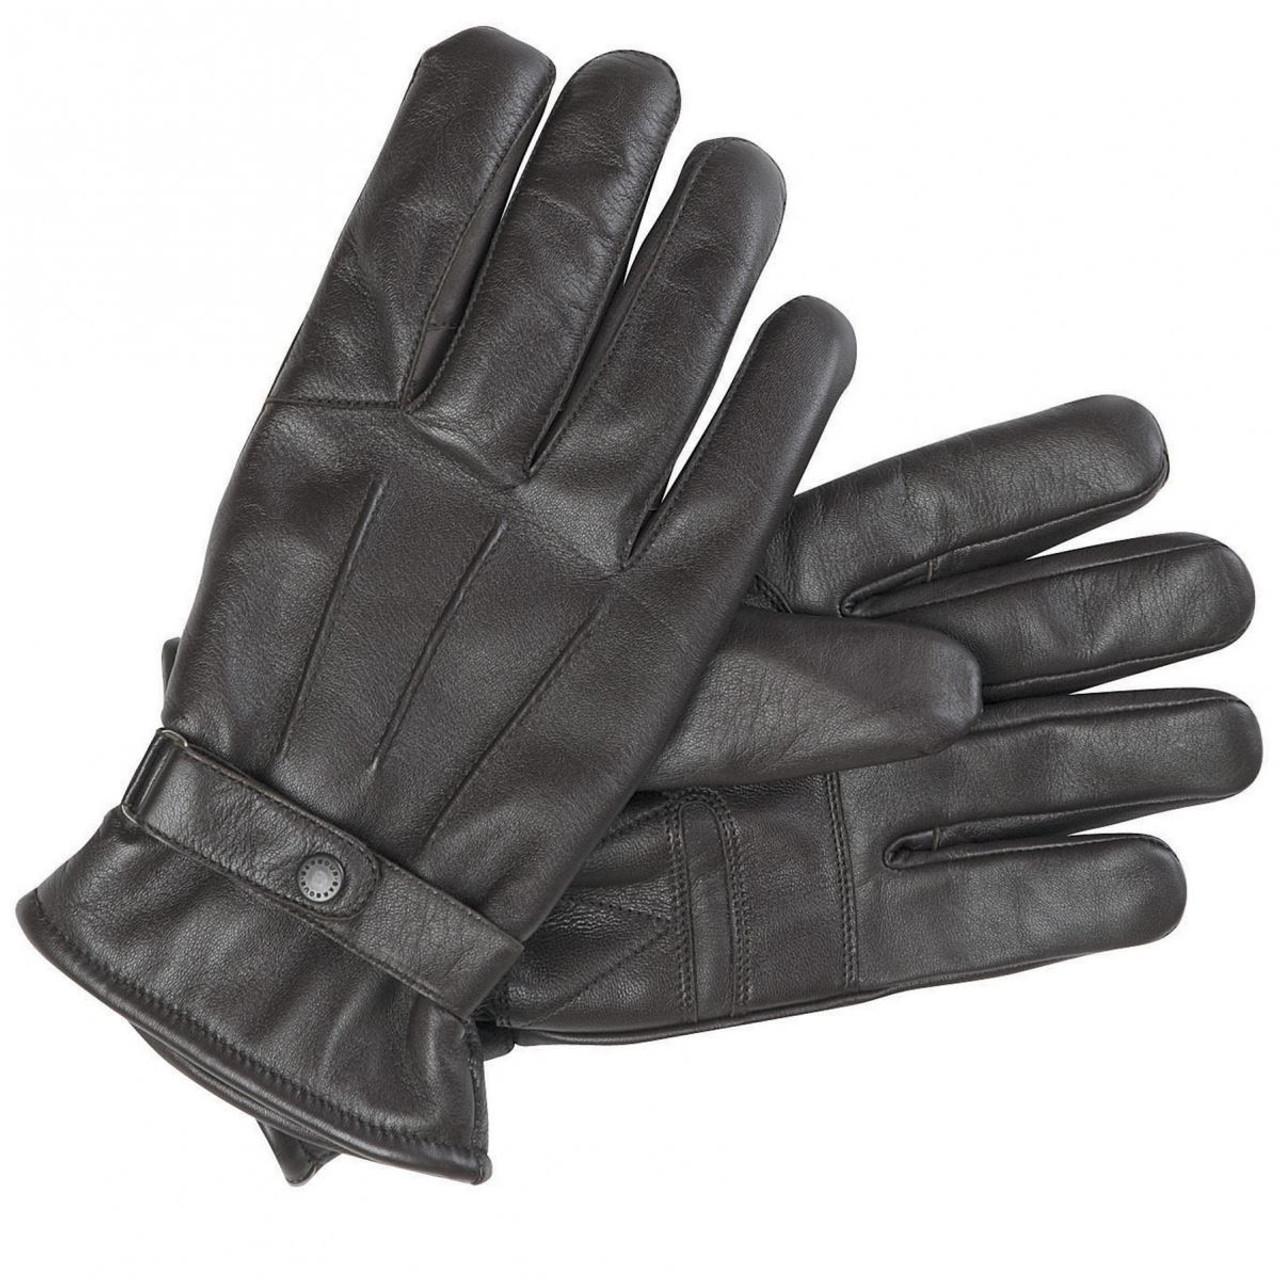 Barbour Mens Burnished Leather Gloves